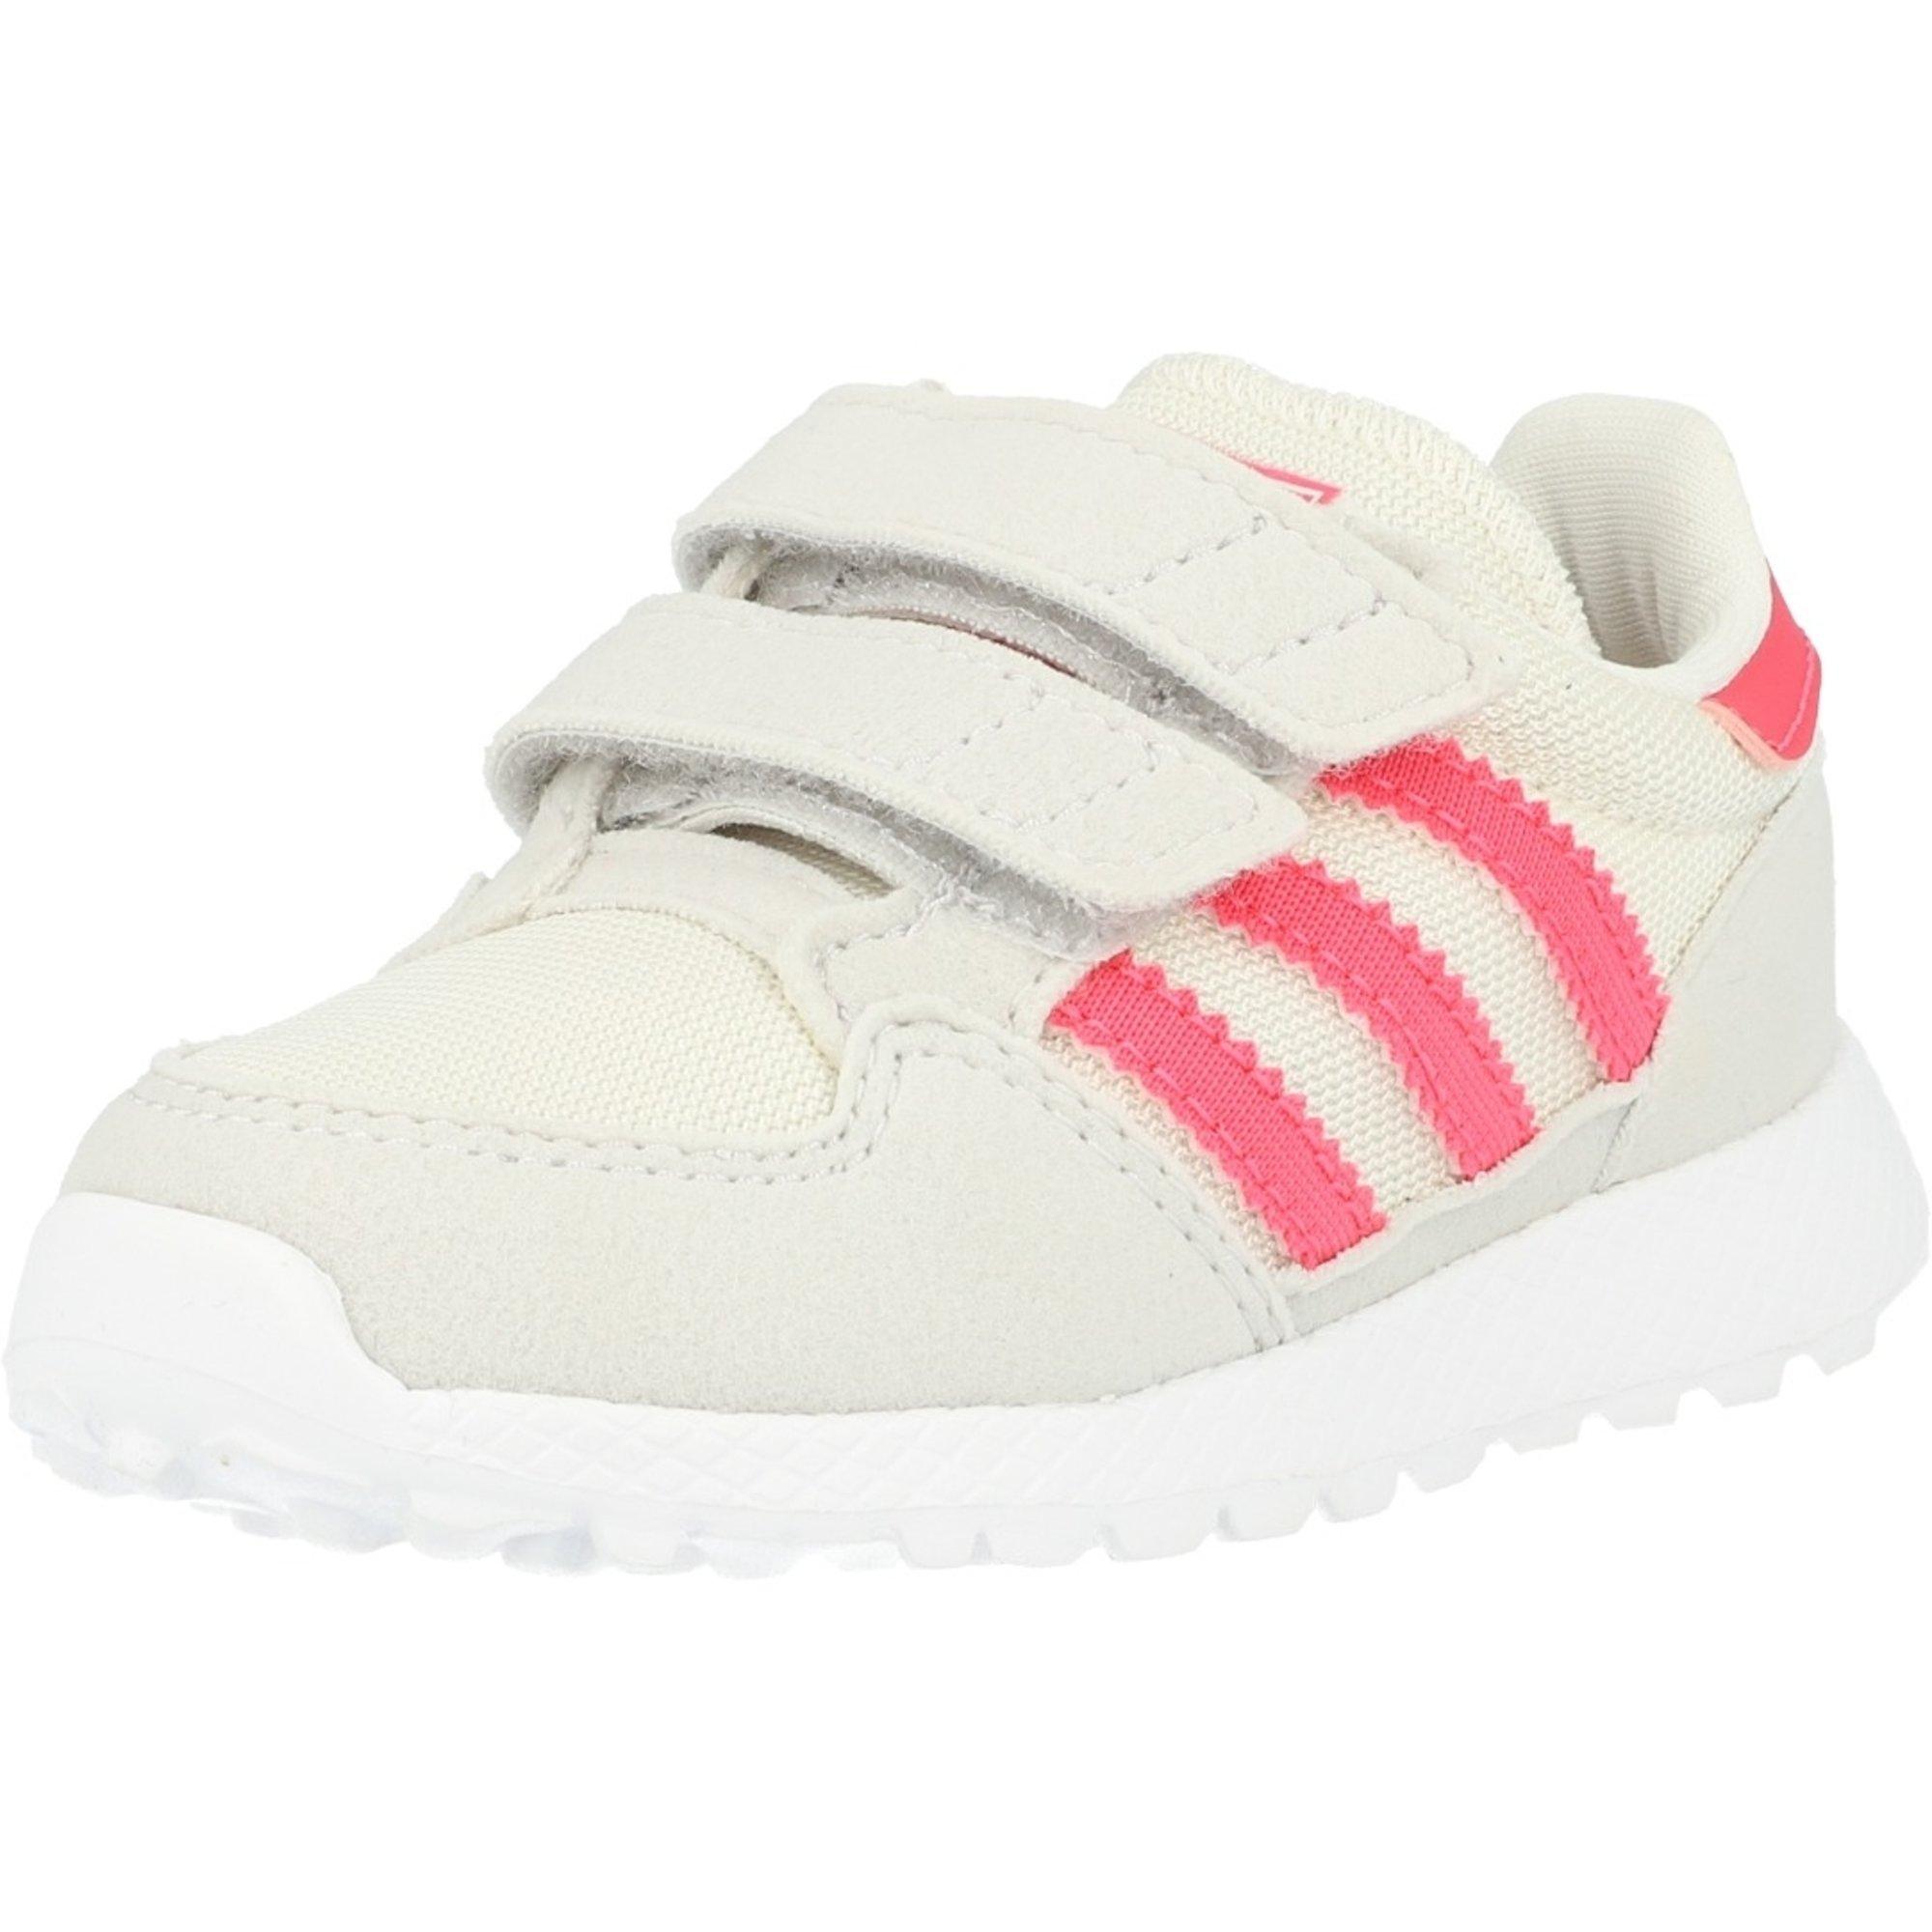 adidas Originals Forest Grove CF I Kreide WeißEcht Pink Synthetisches Wildleder Säugling